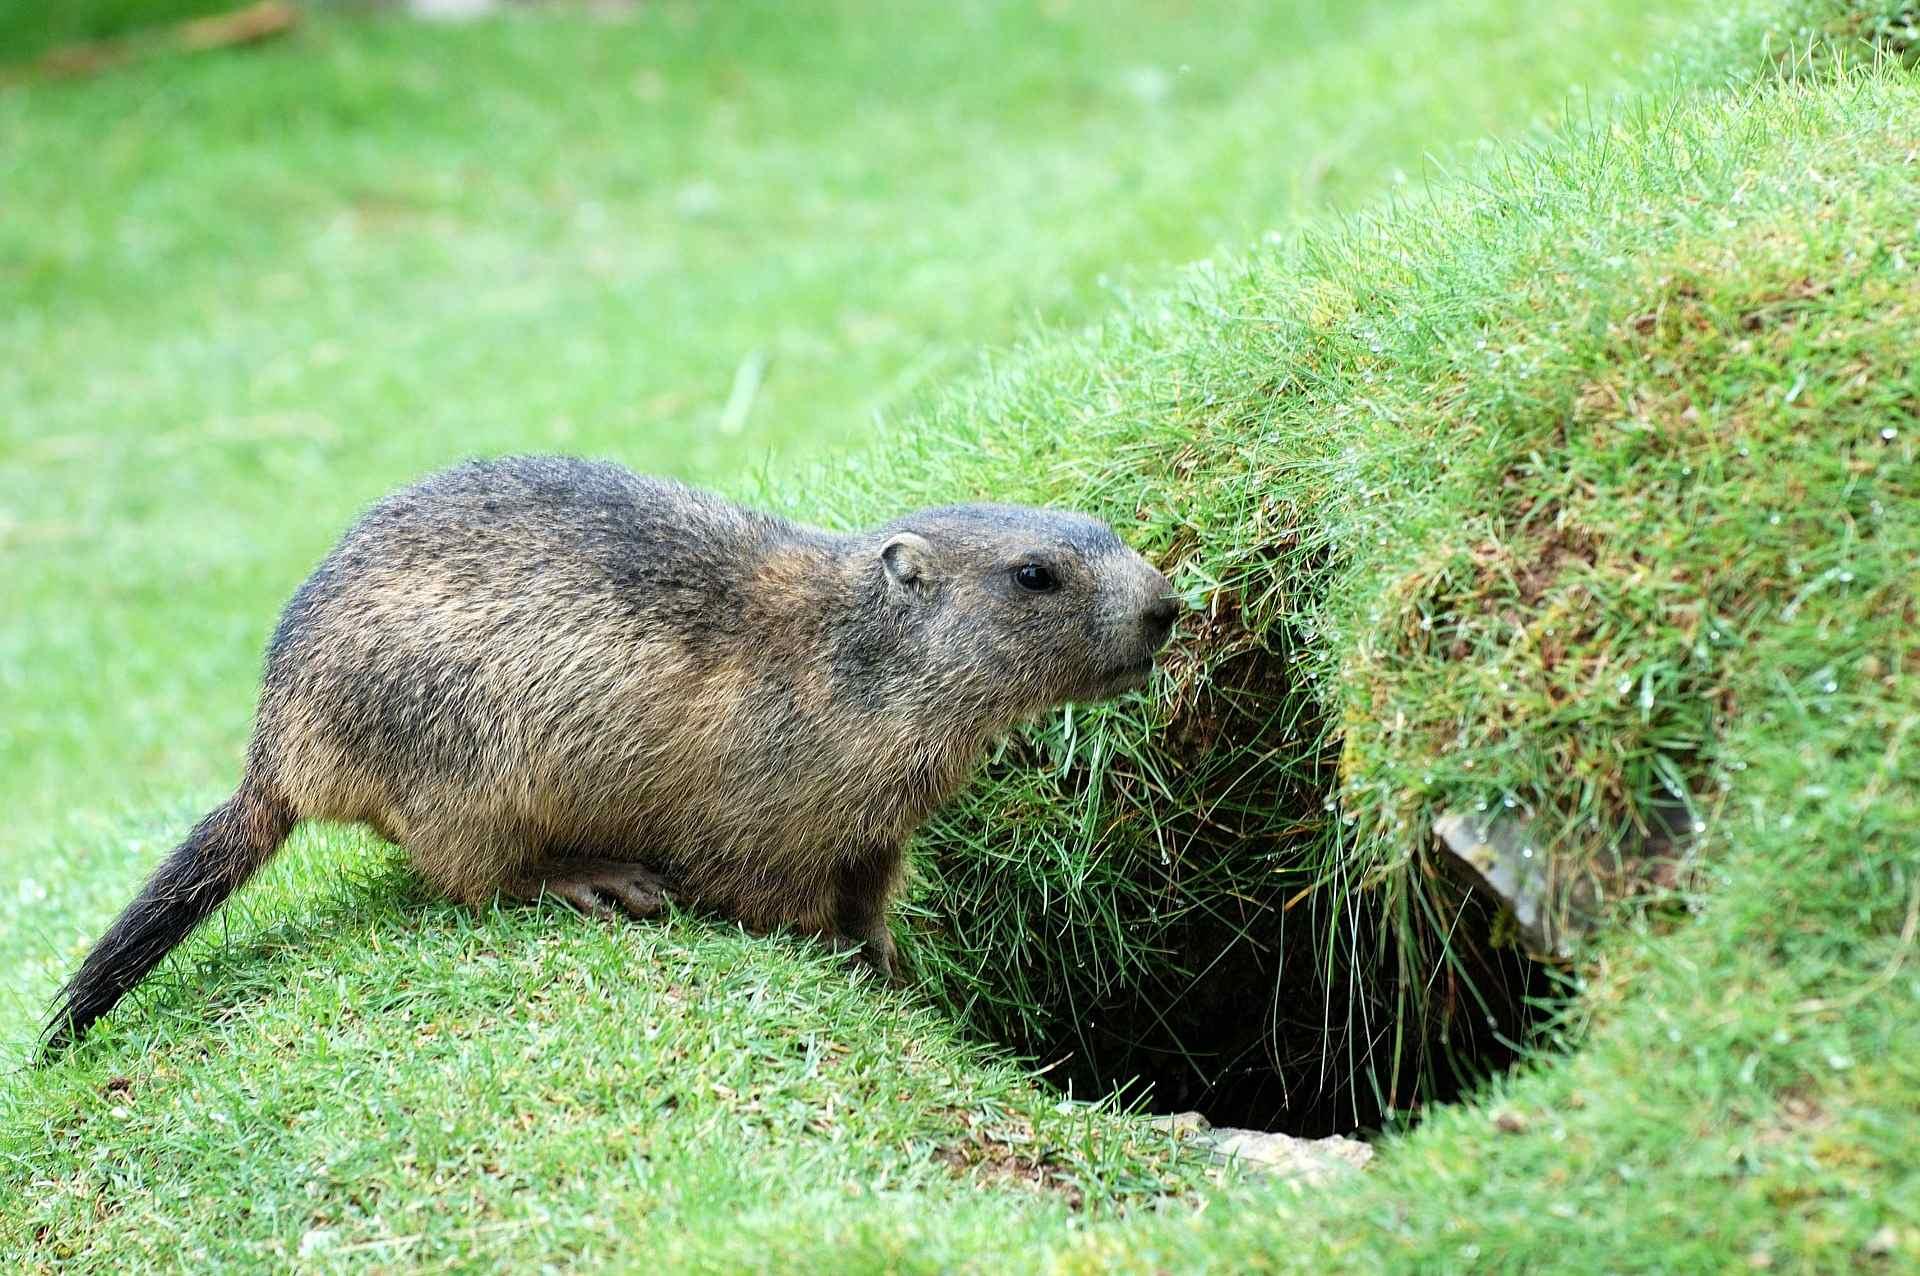 La marmotte entre dans son terrier